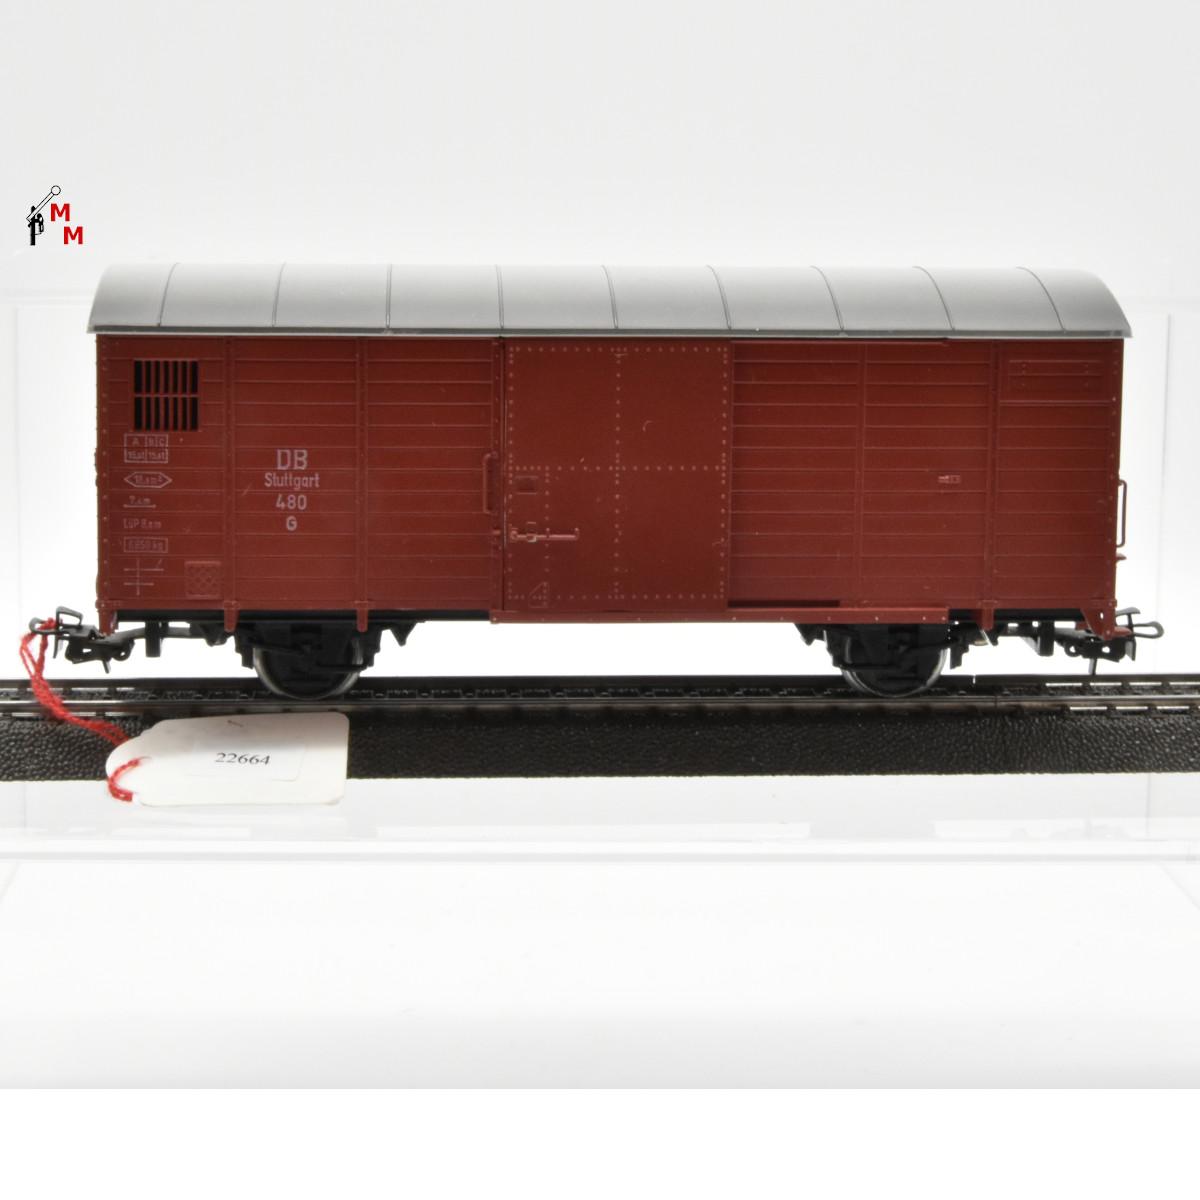 Märklin 04452.1 Minex Ged. Güterwagen der DB, (22664)